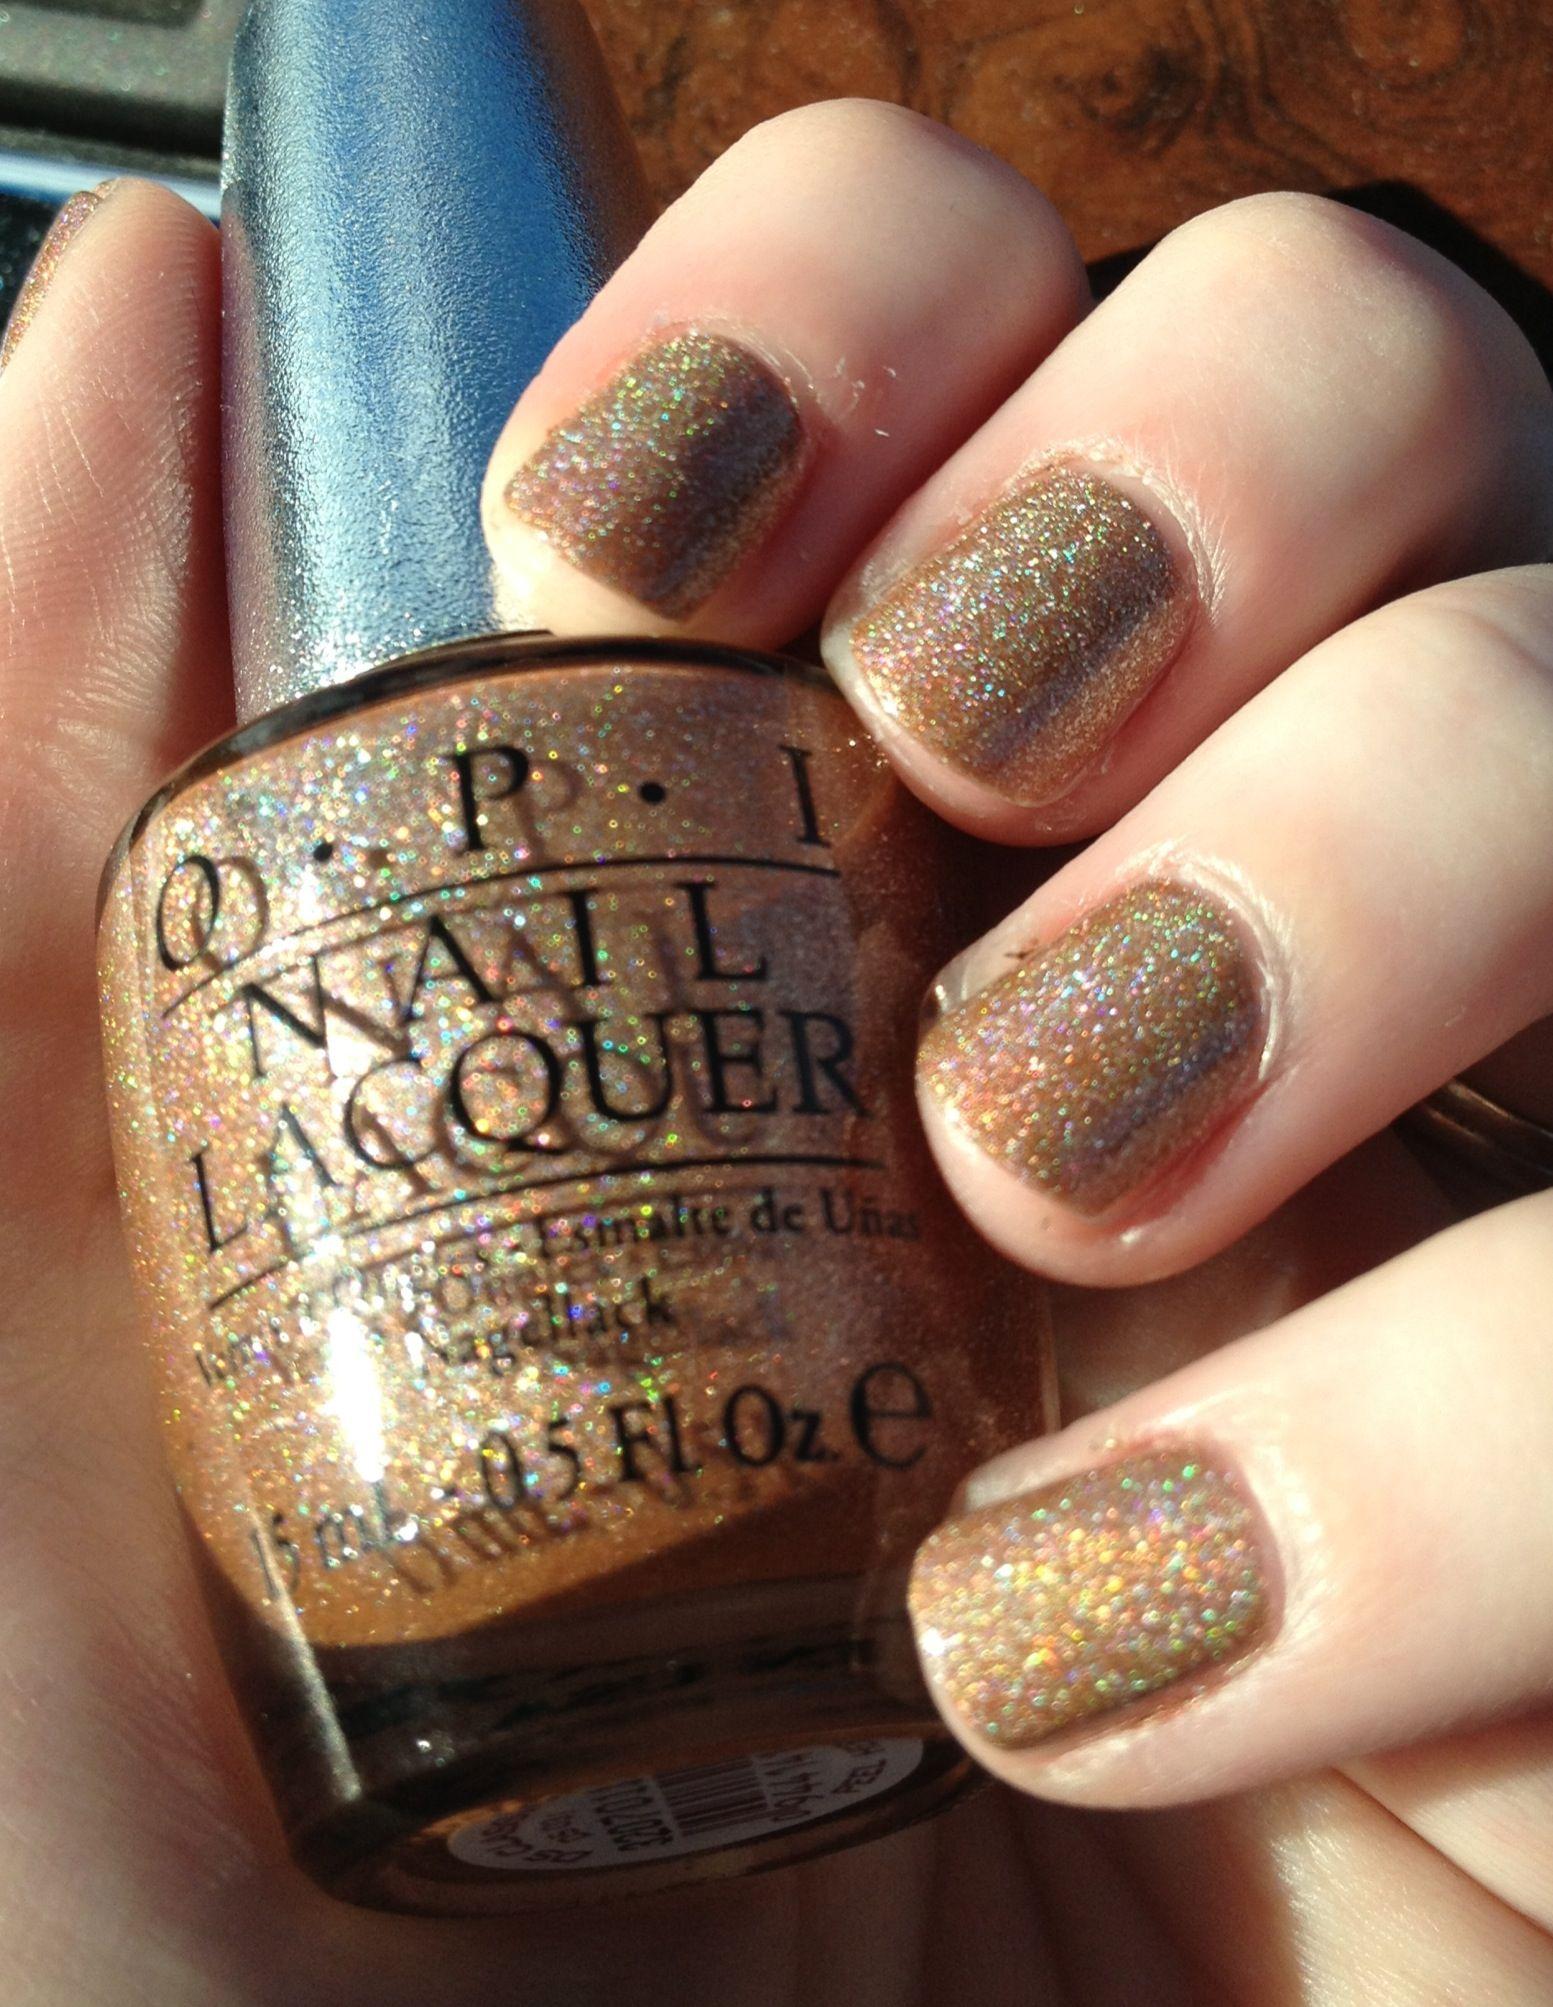 OPI DS Classic | Nail polish, Nail polish colors, Opi nails